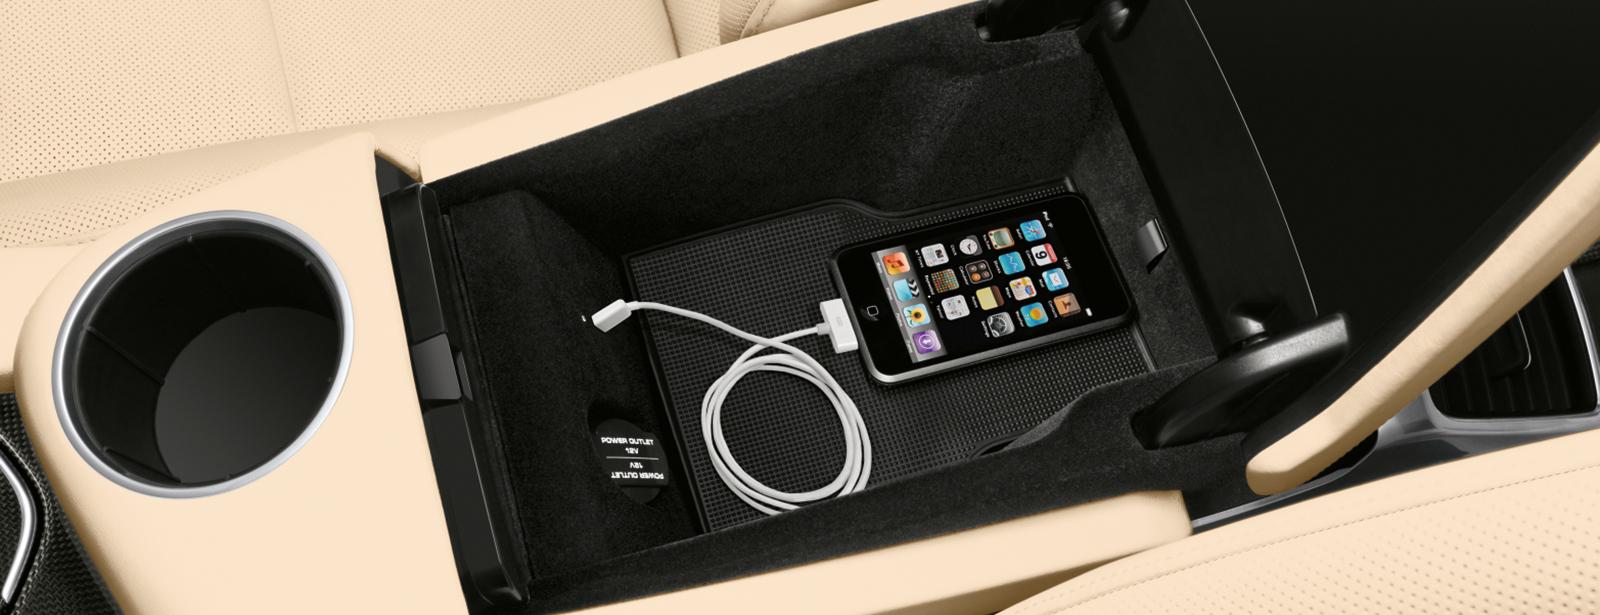 iPod/USB Schnittschnelle